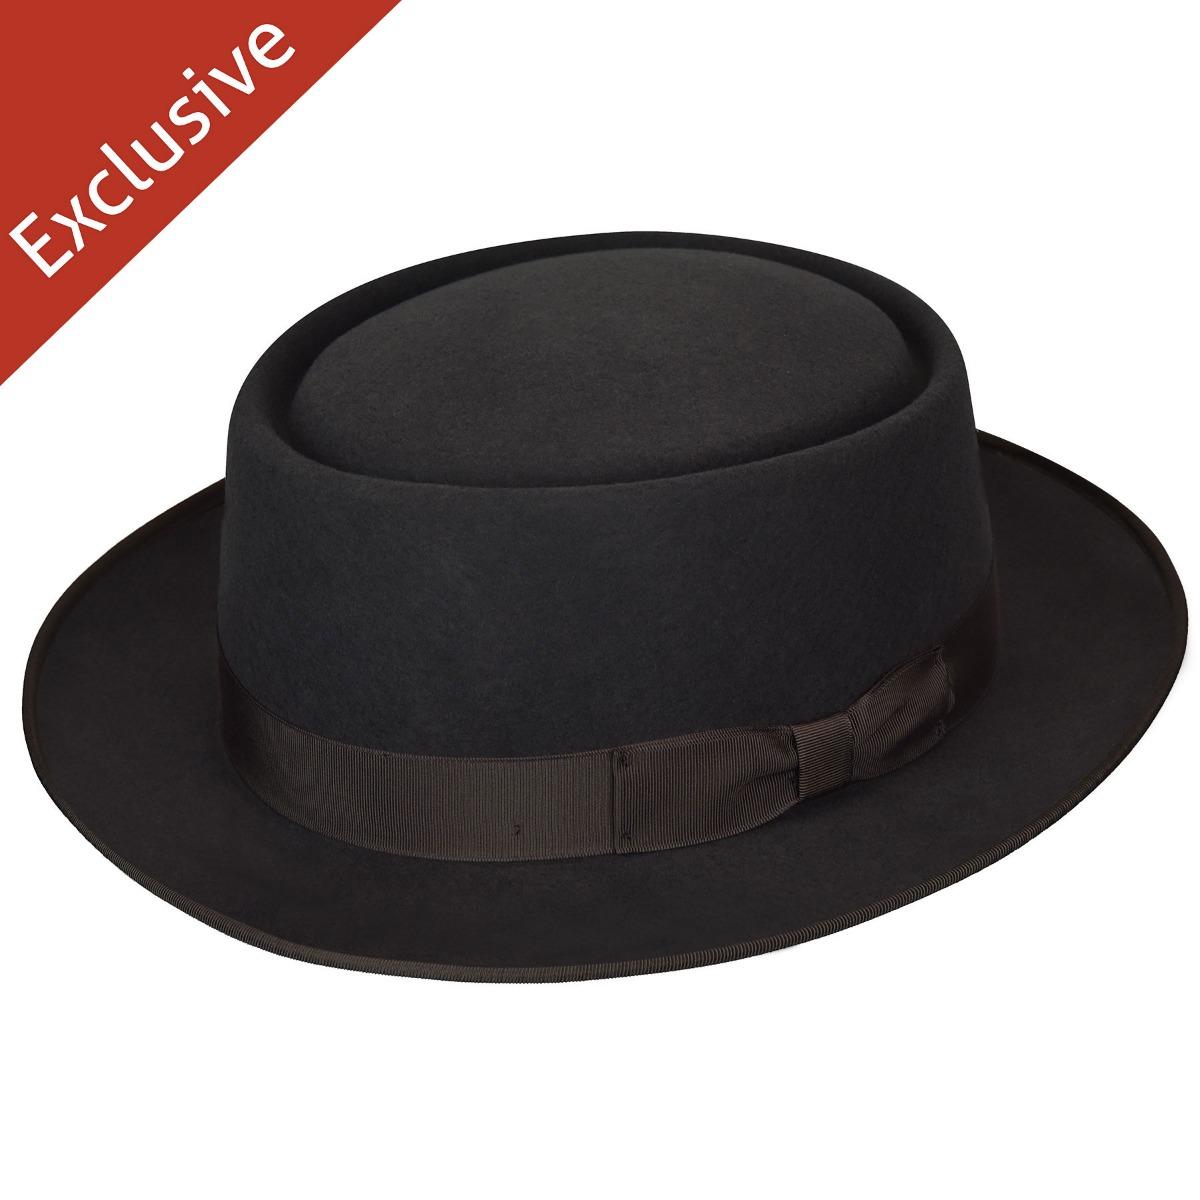 Vintage Men's Clothing | Retro Clothing for Men Danger Pork Pie - Exclusive $39.99 AT vintagedancer.com